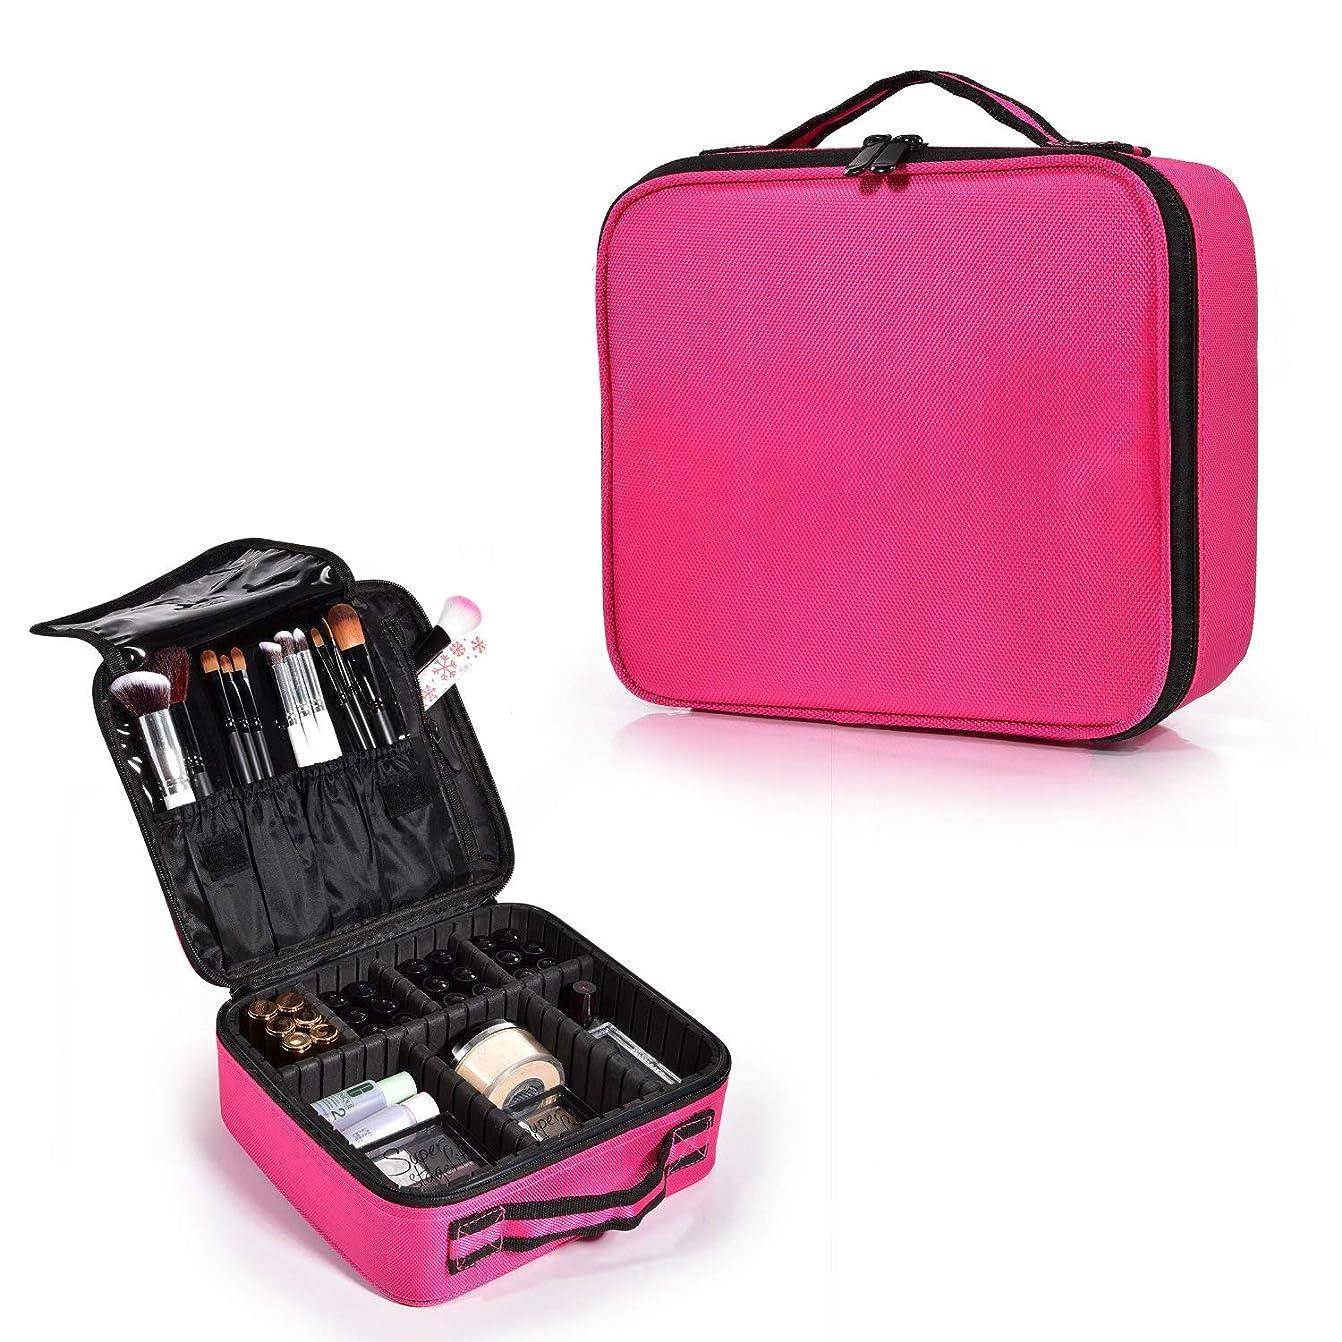 照らす馬力前文Hapilife メイクボックス 化粧バッグ軽量で持ち運び可能 スーツケース トラベルバッグ 化粧 バッグ 調整可能なインサート収納袋